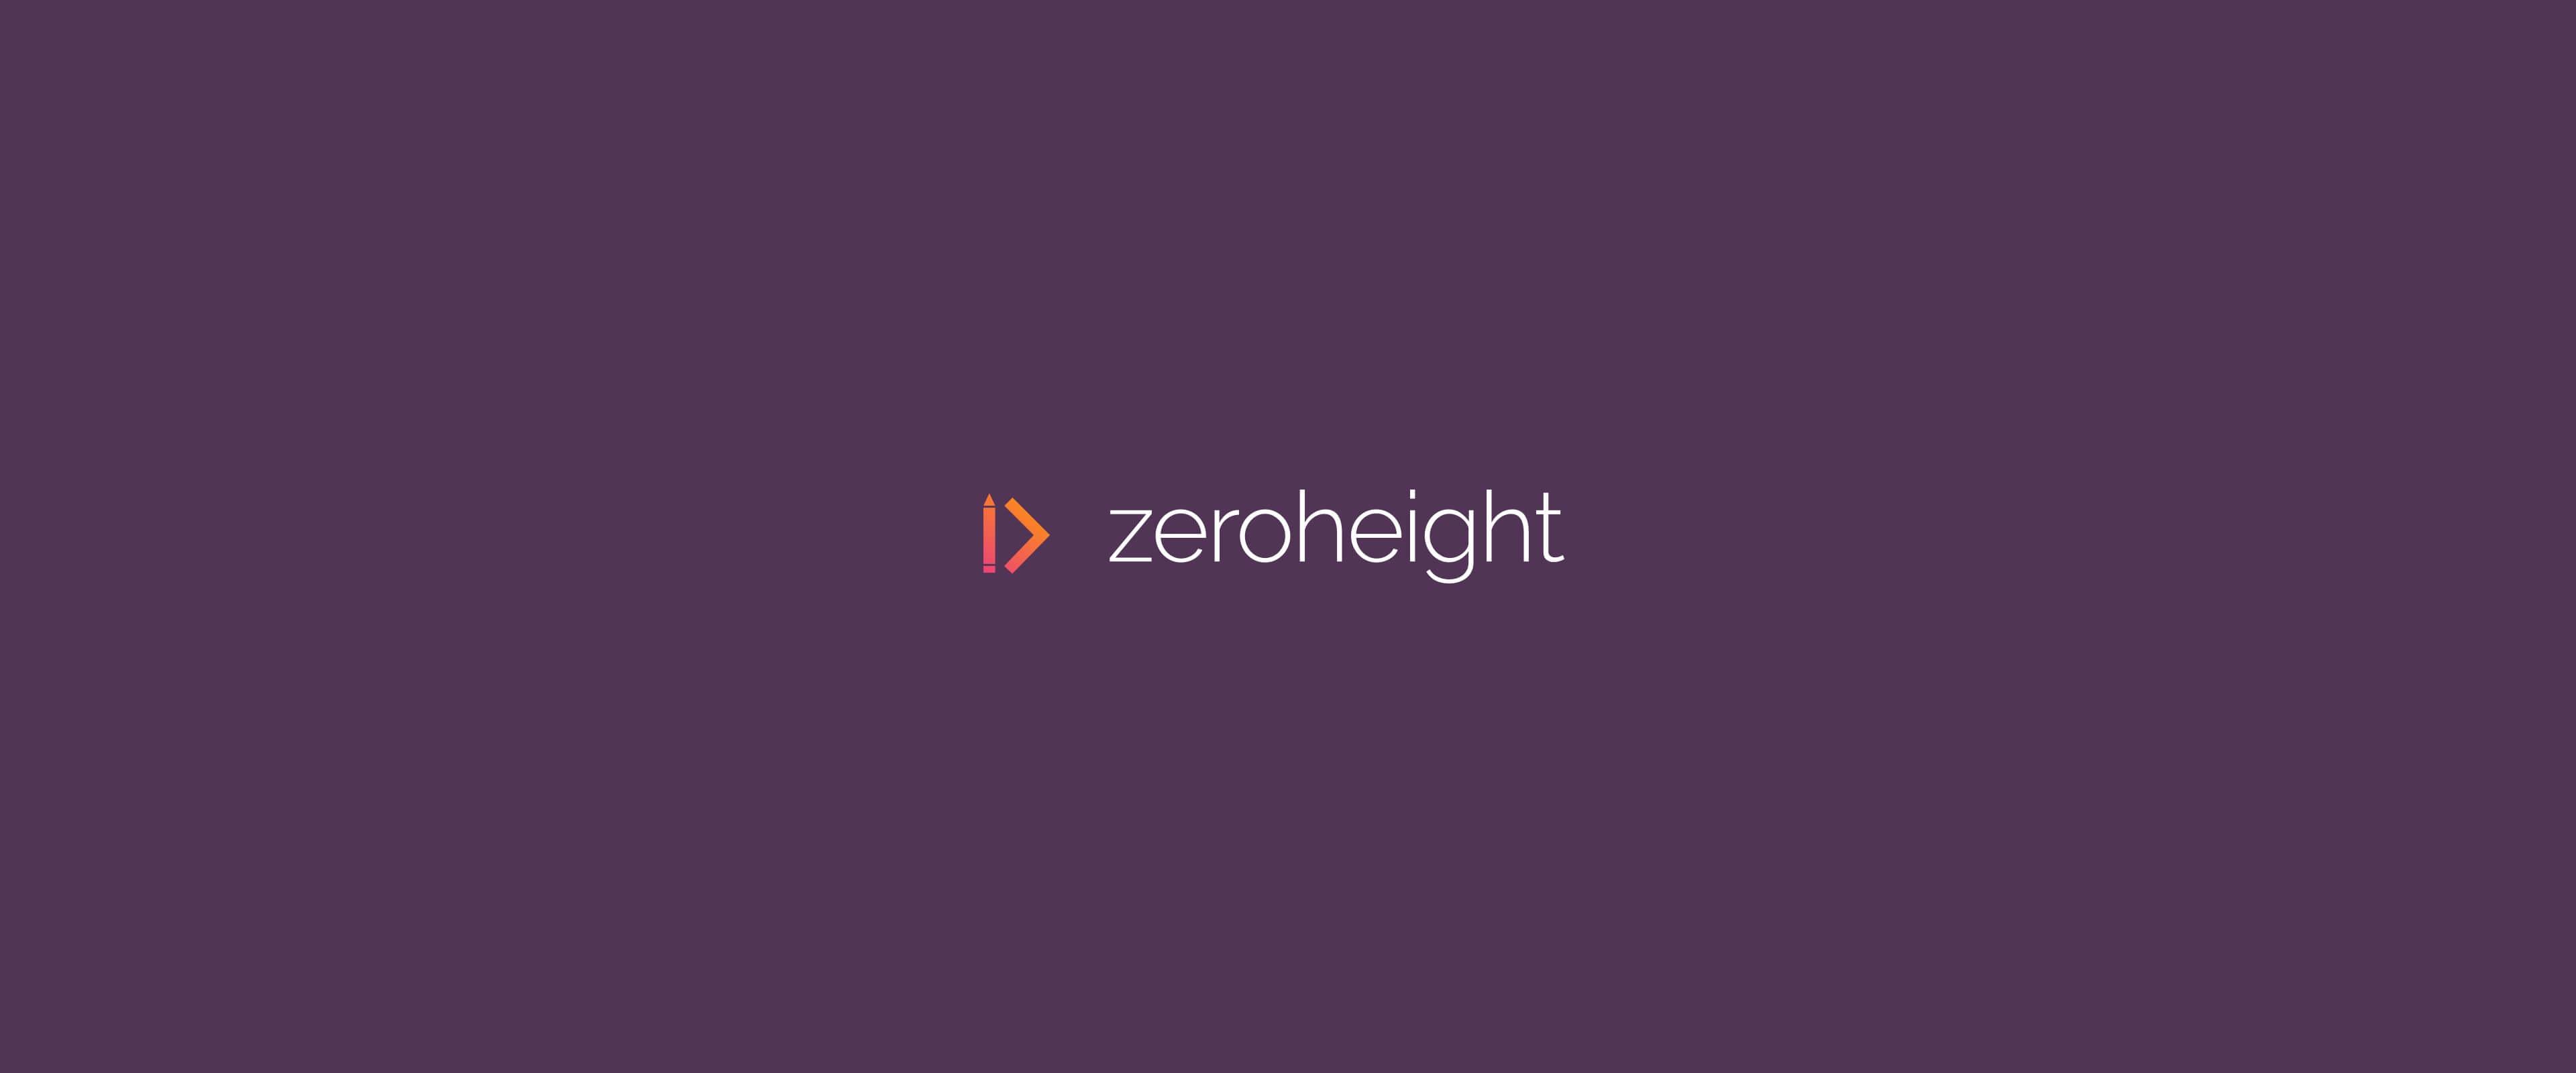 Philip_Mawer_zeroheight_Header